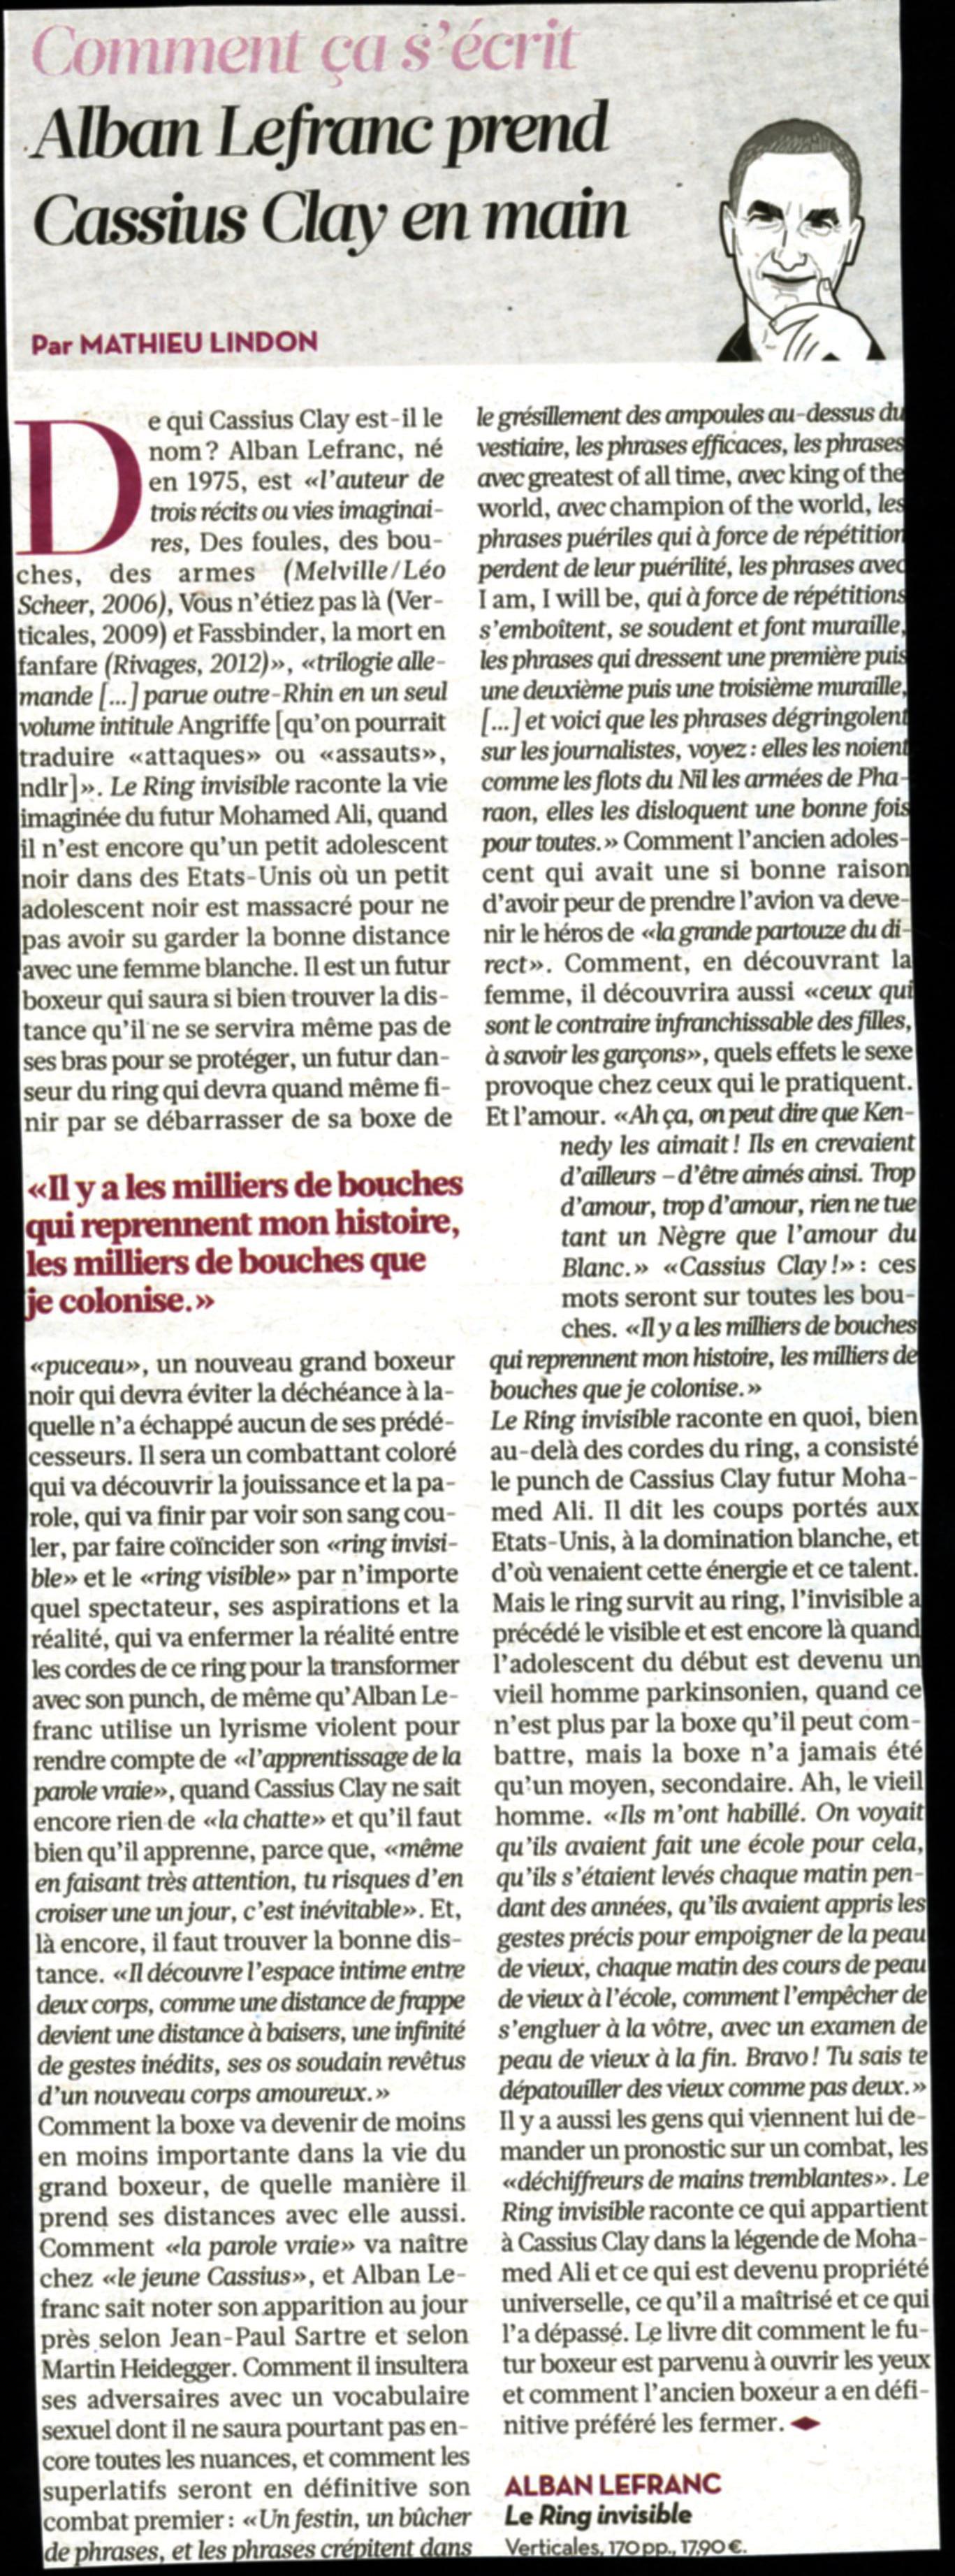 AES 2013 Prix Revue de presse Libération